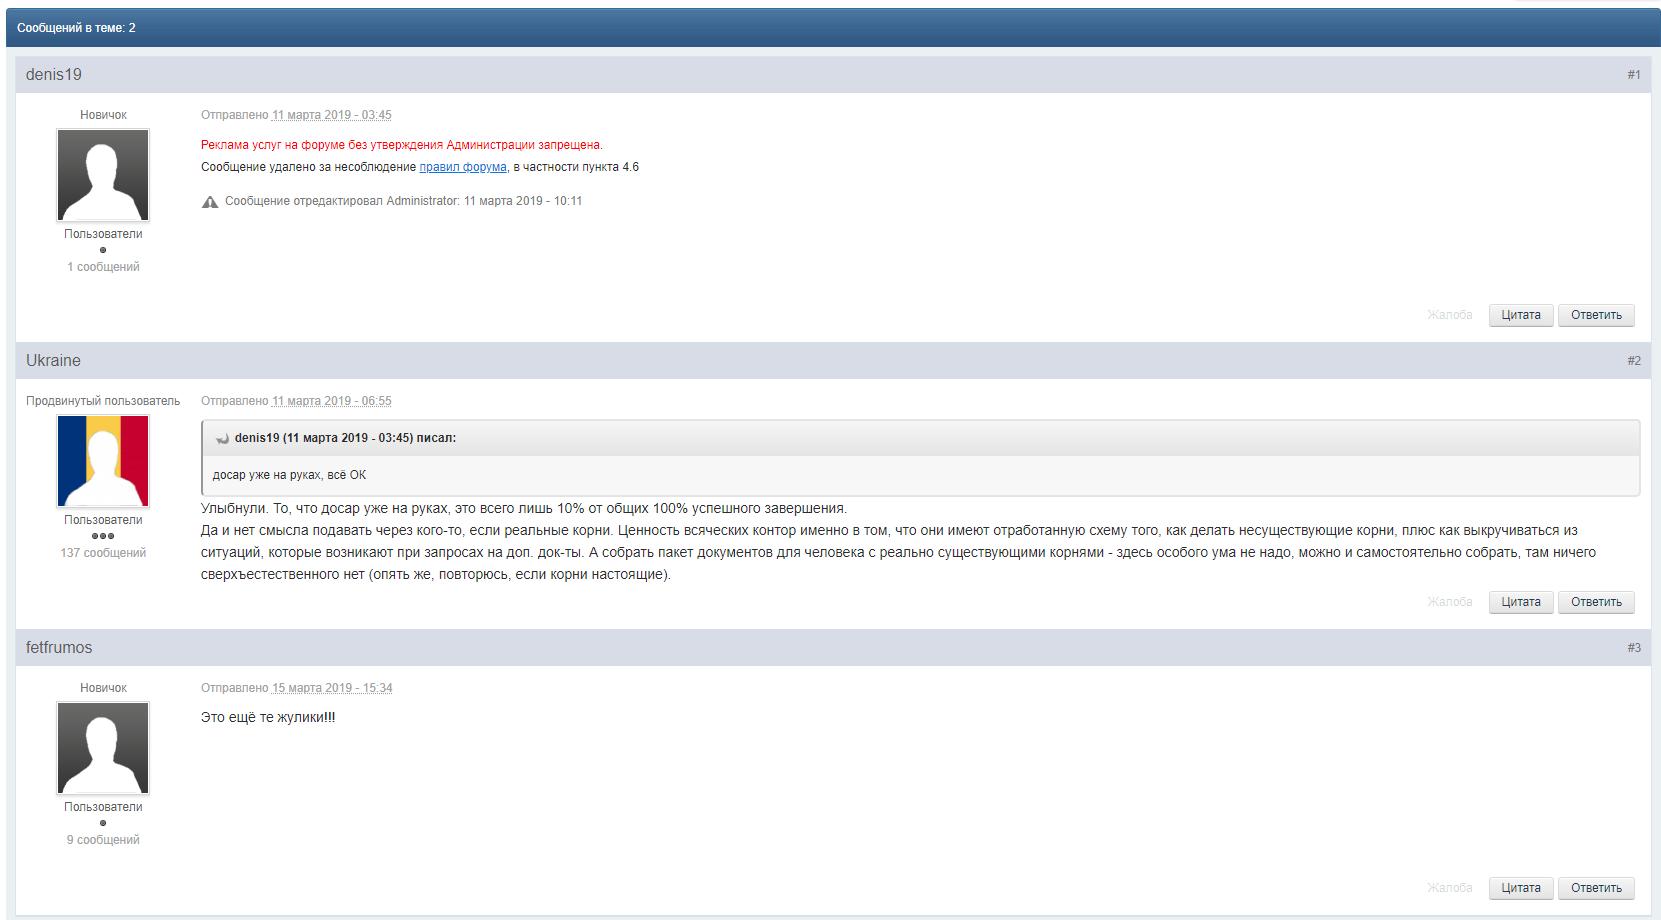 отзывы про Romanpassport на forum-eu.com